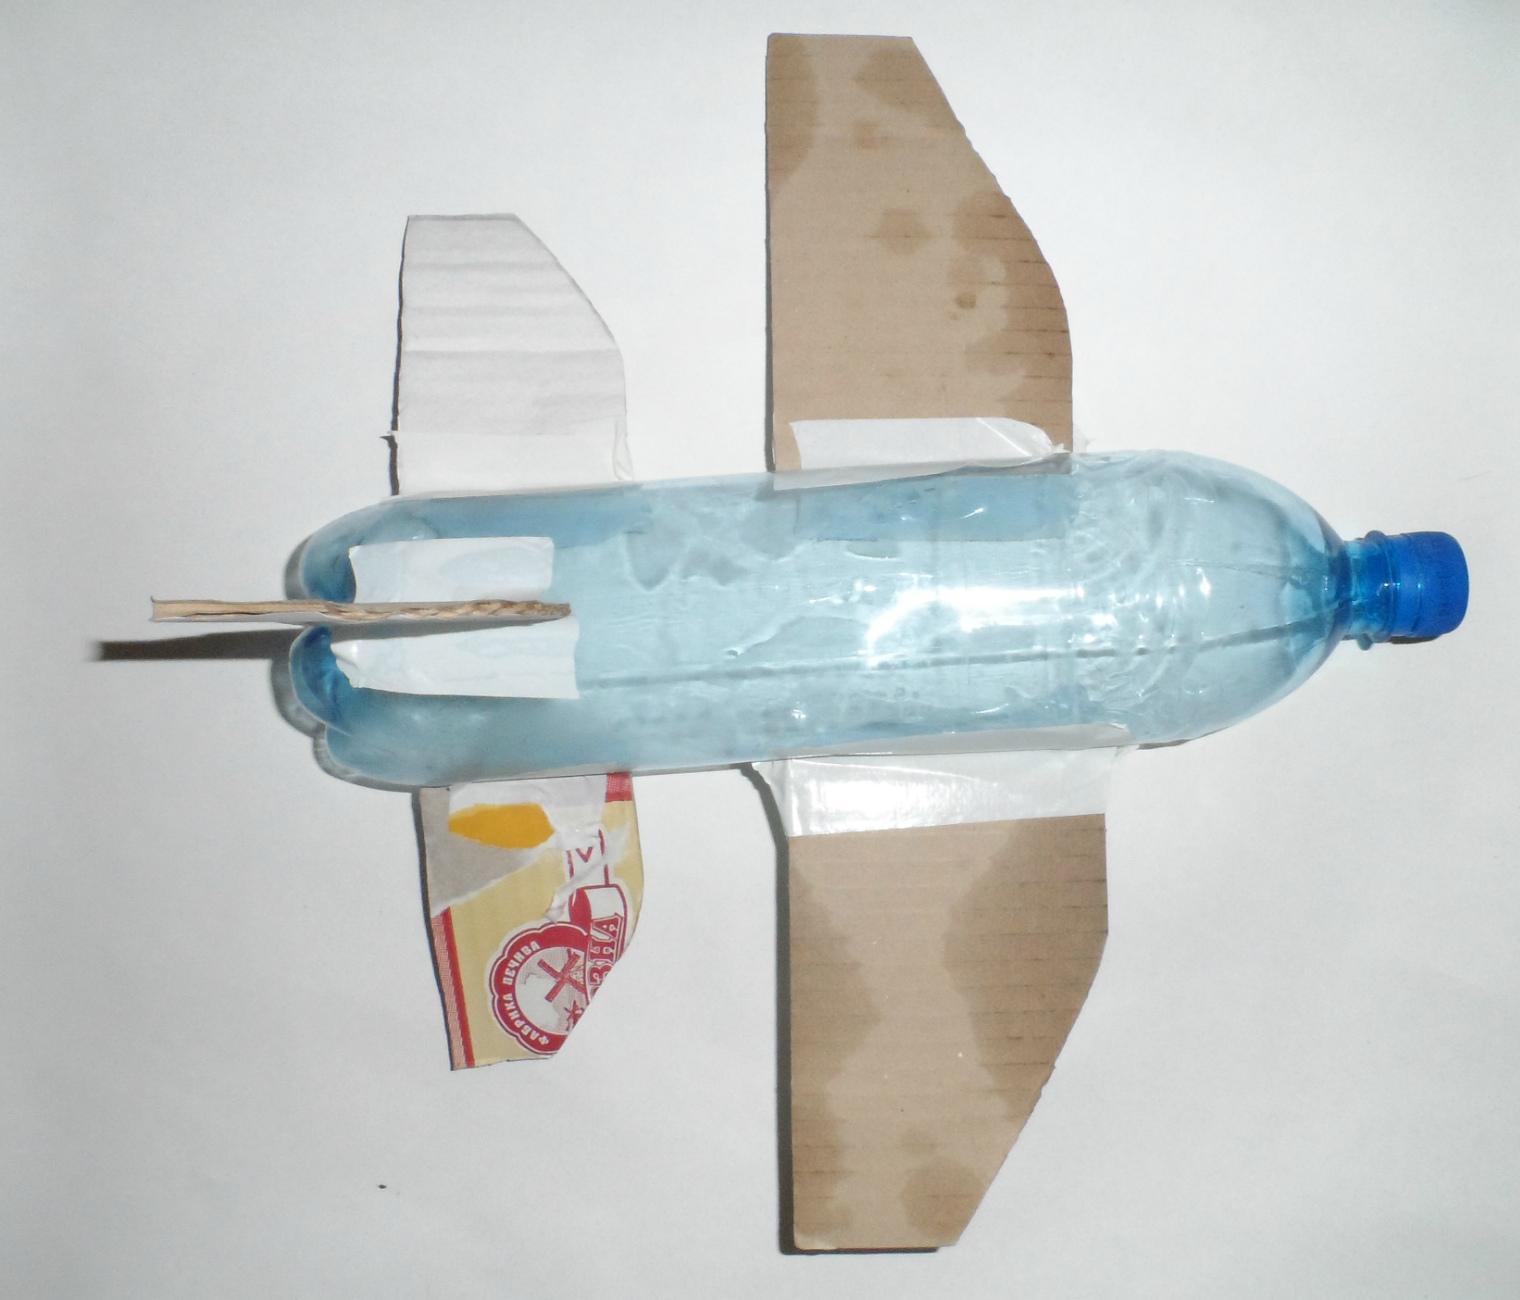 Самолет из бутылки фото - Староселиваново